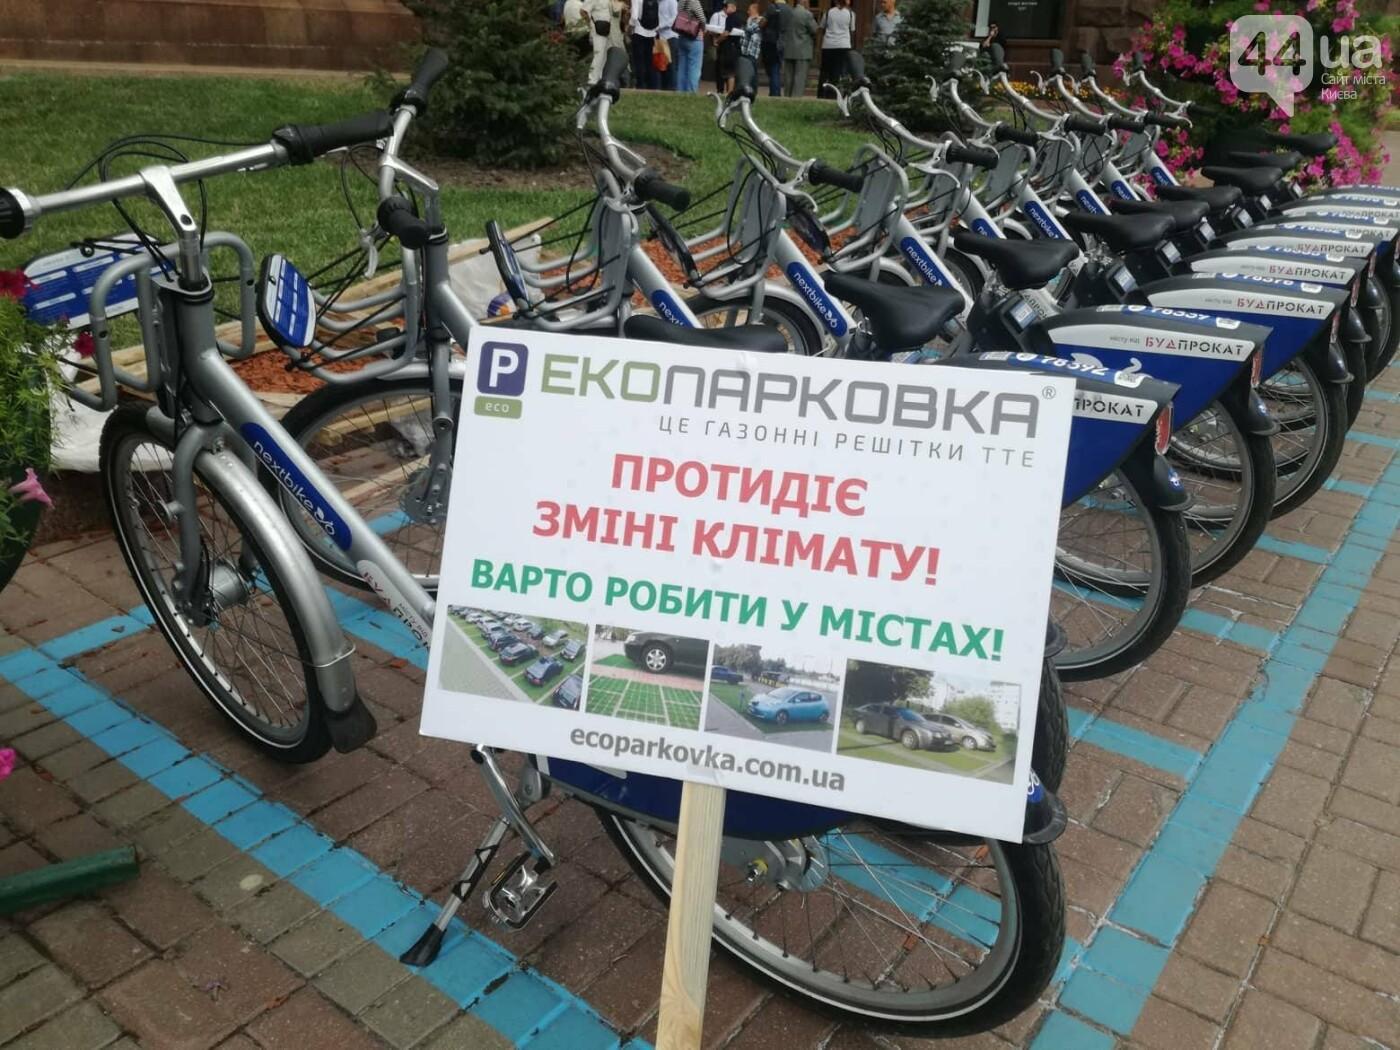 Включи солнце: в центре Киева проходит экологическая акция, - ФОТО, фото-3